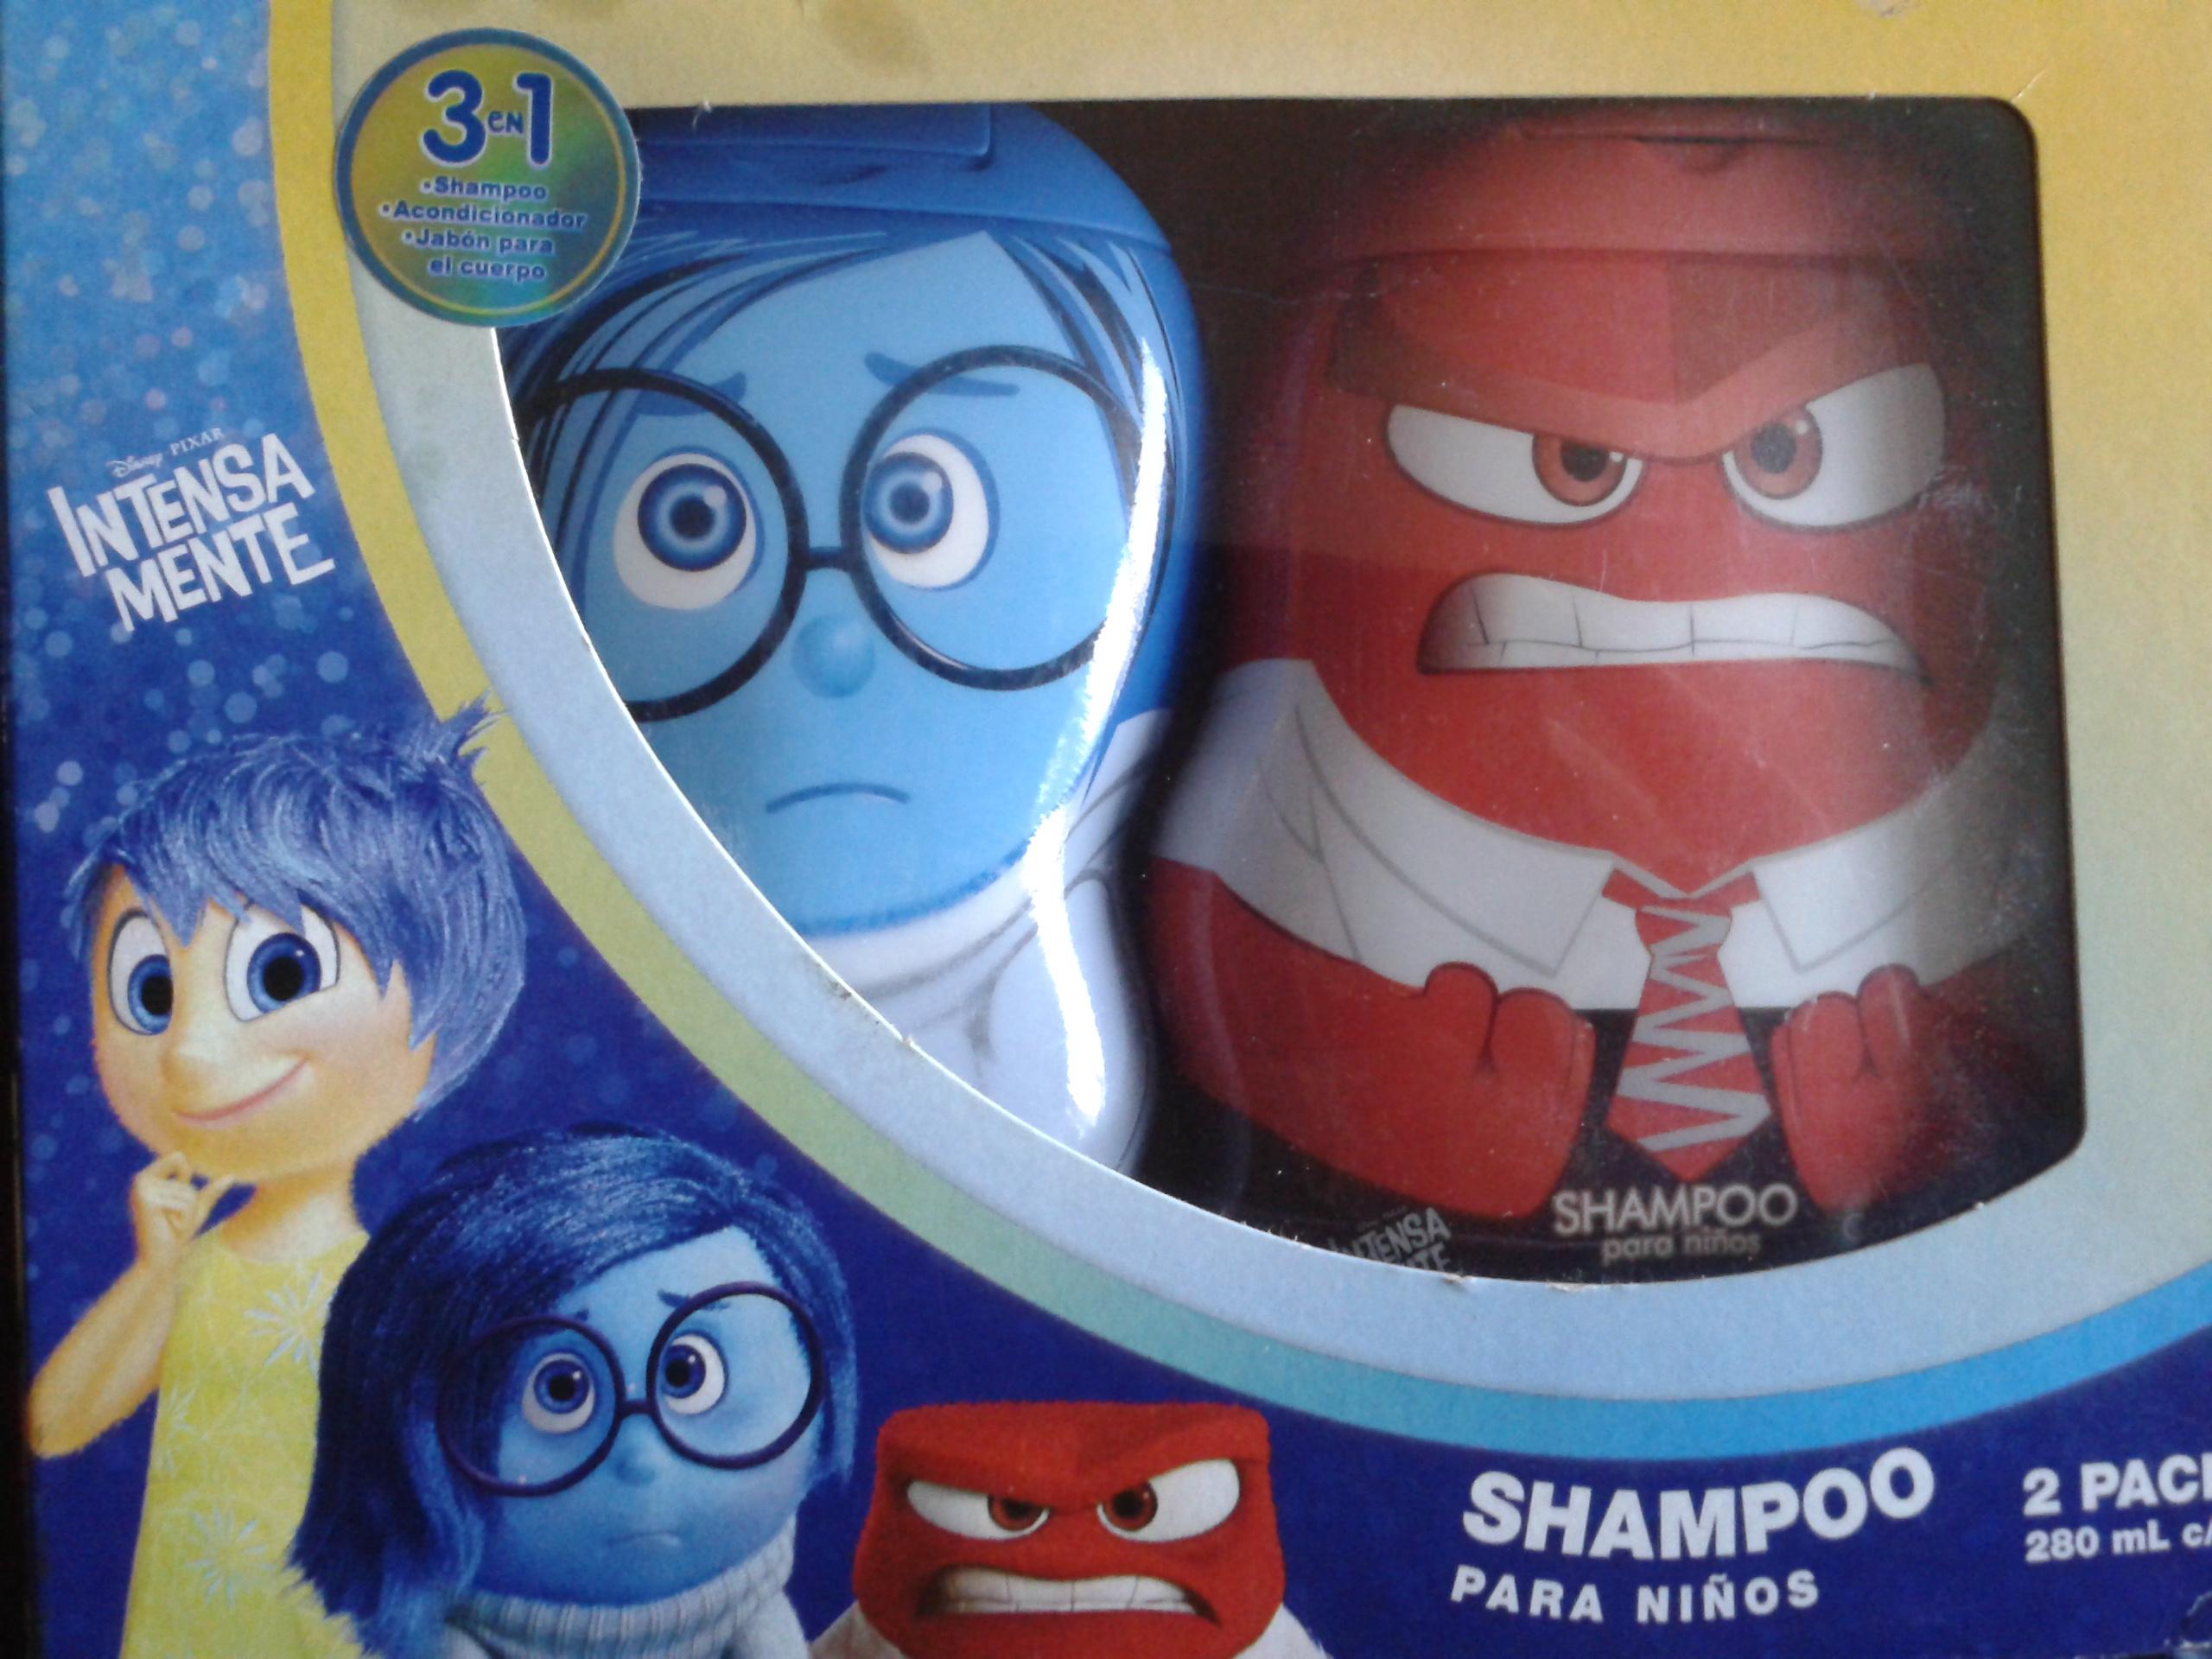 Walmart: 2pack de shampoo para niños de Intensamente $35.02, fibras Clorox a $5.02 , jabón líquido para manos $6.01